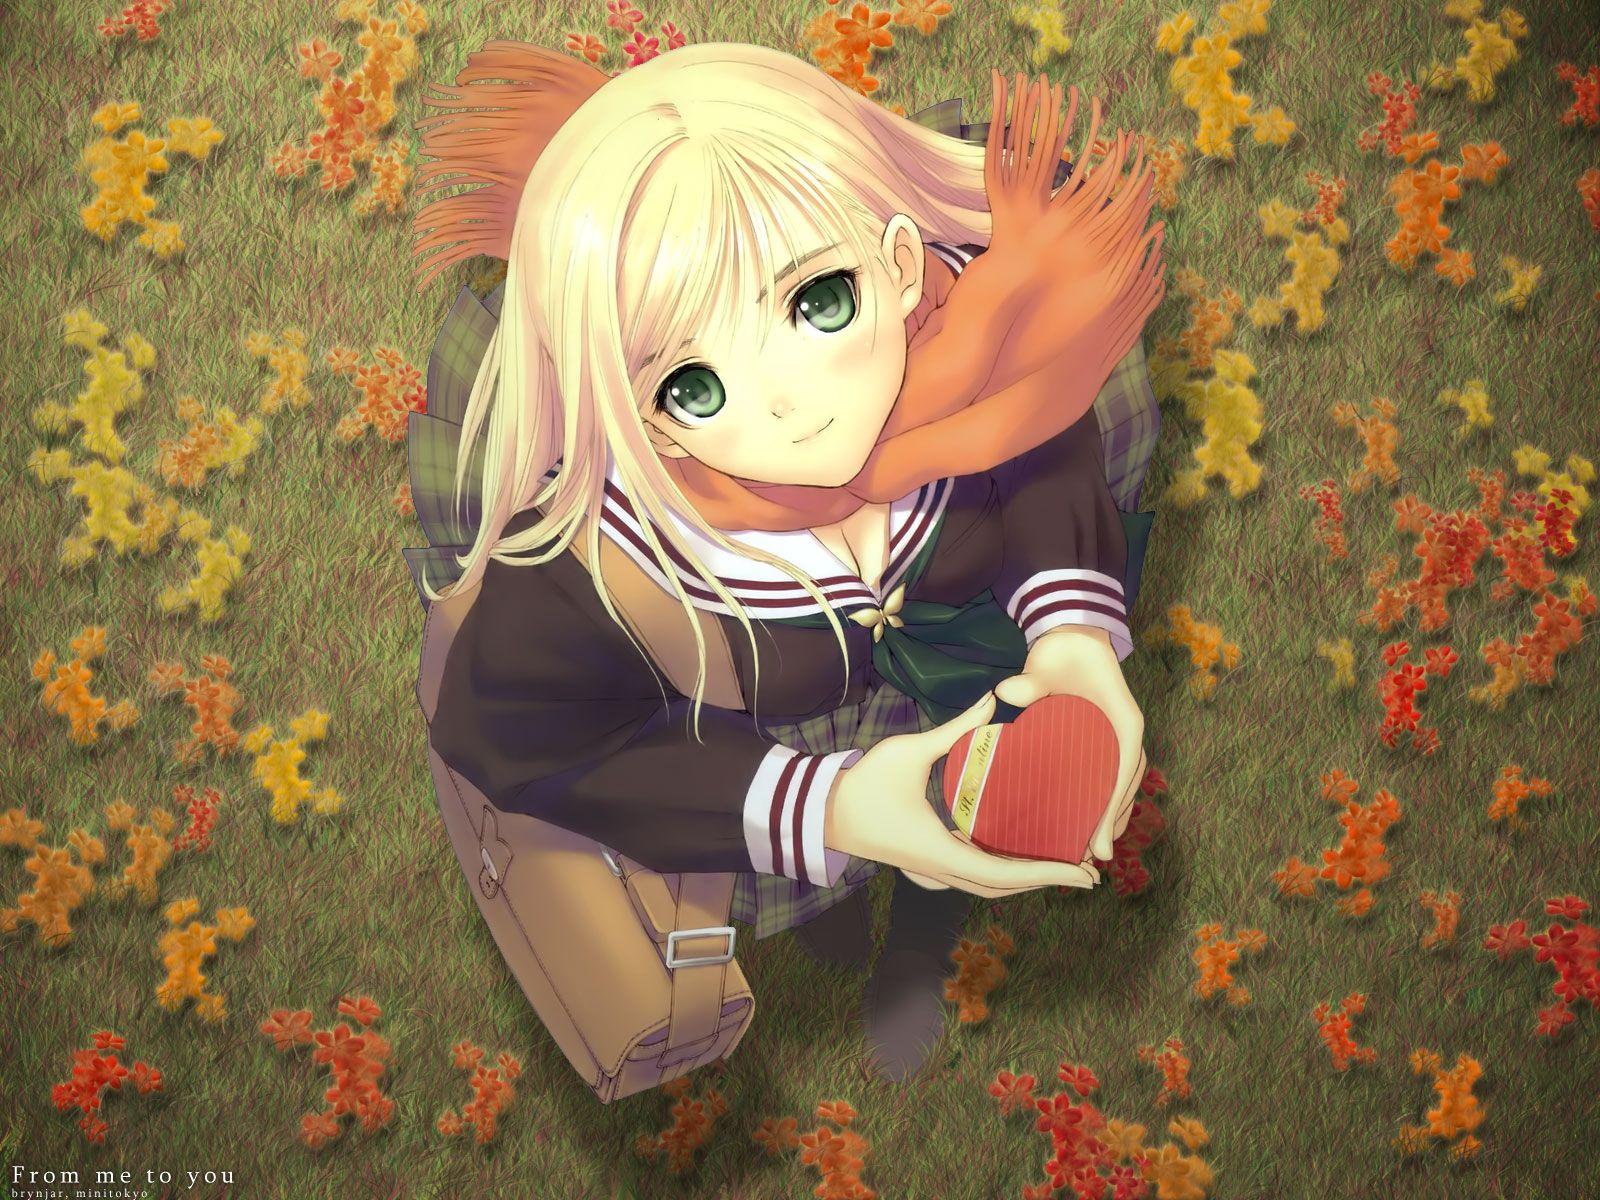 Pin by K H on Anime påtil skolen ud   Pinterest  Anime